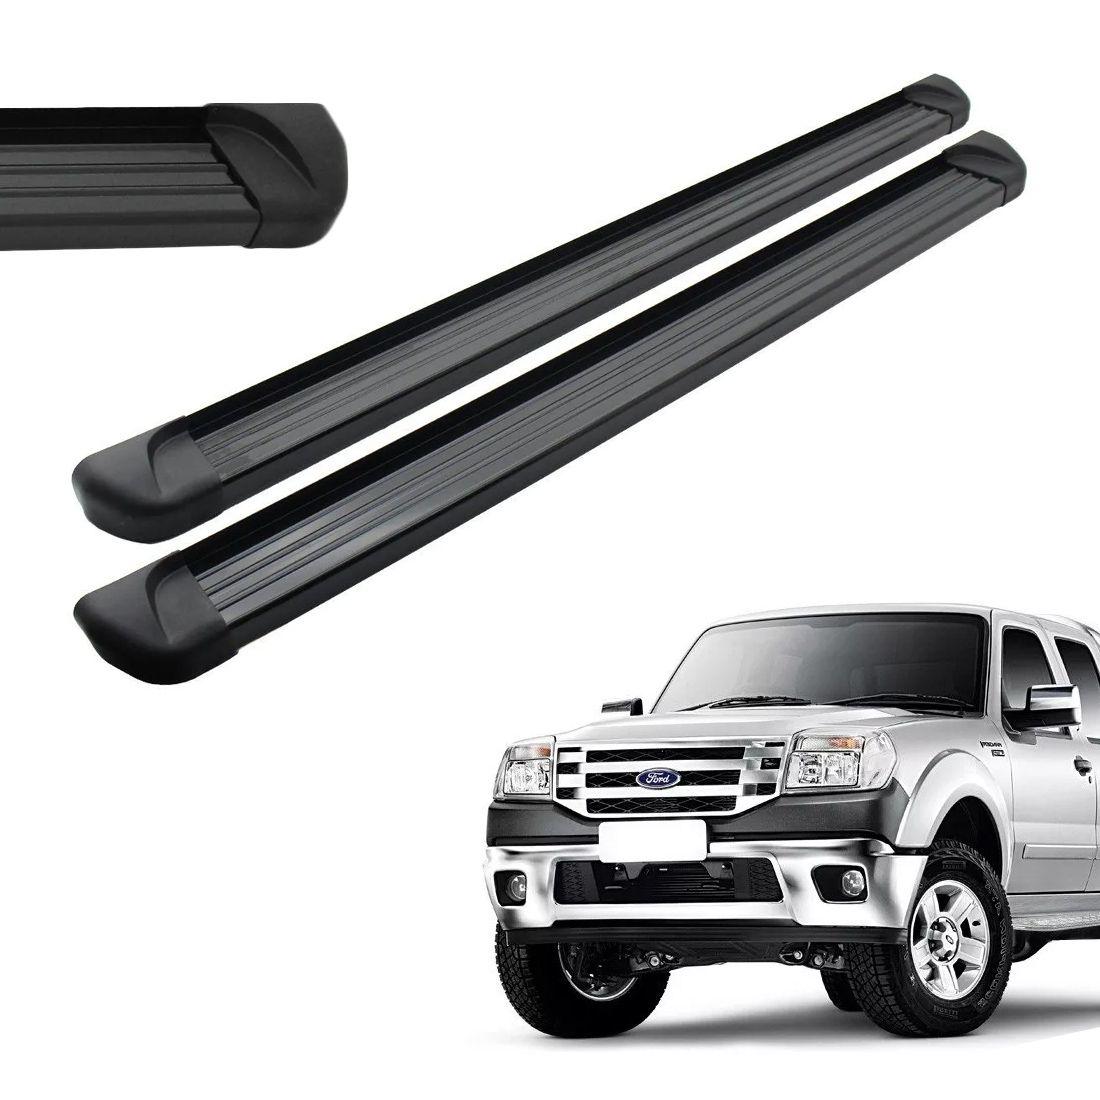 Estribo Aluminio Preto Cabine Dupla Ranger 98 a 2010 2011 2012